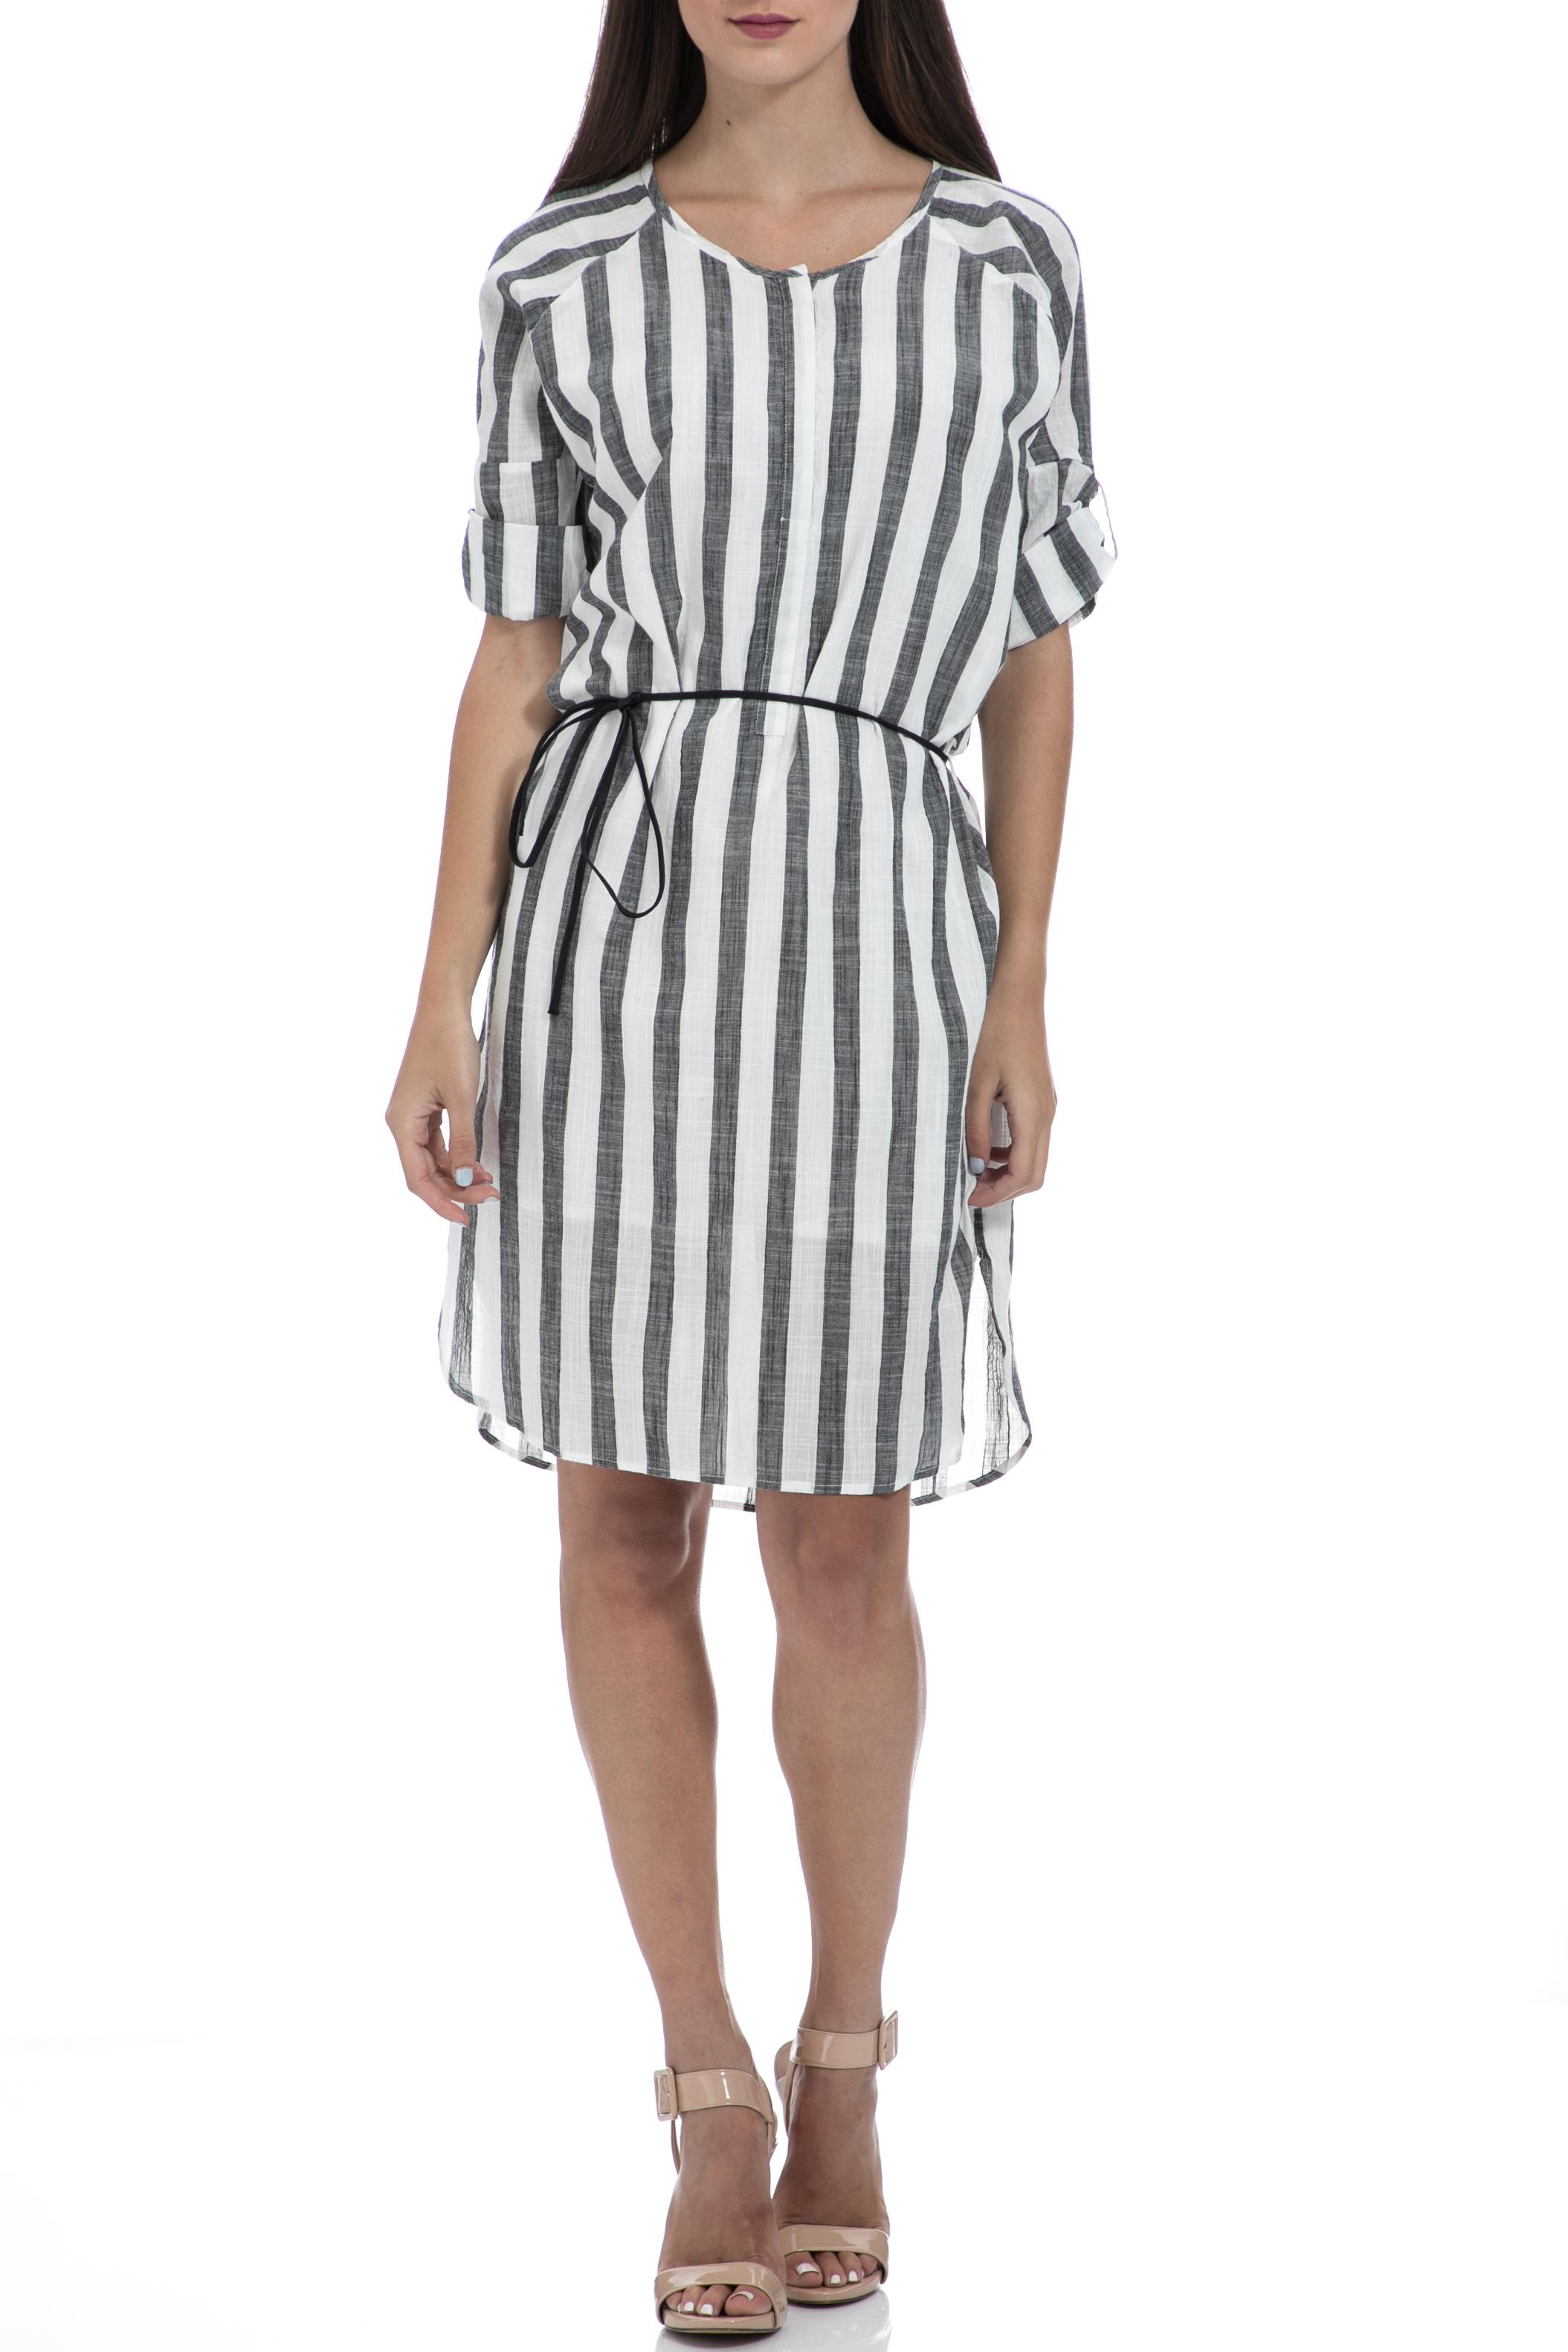 GARCIA JEANS - Γυναικείο φόρεμα Garcia Jeans γκρι-λευκό γυναικεία ρούχα φορέματα μίνι